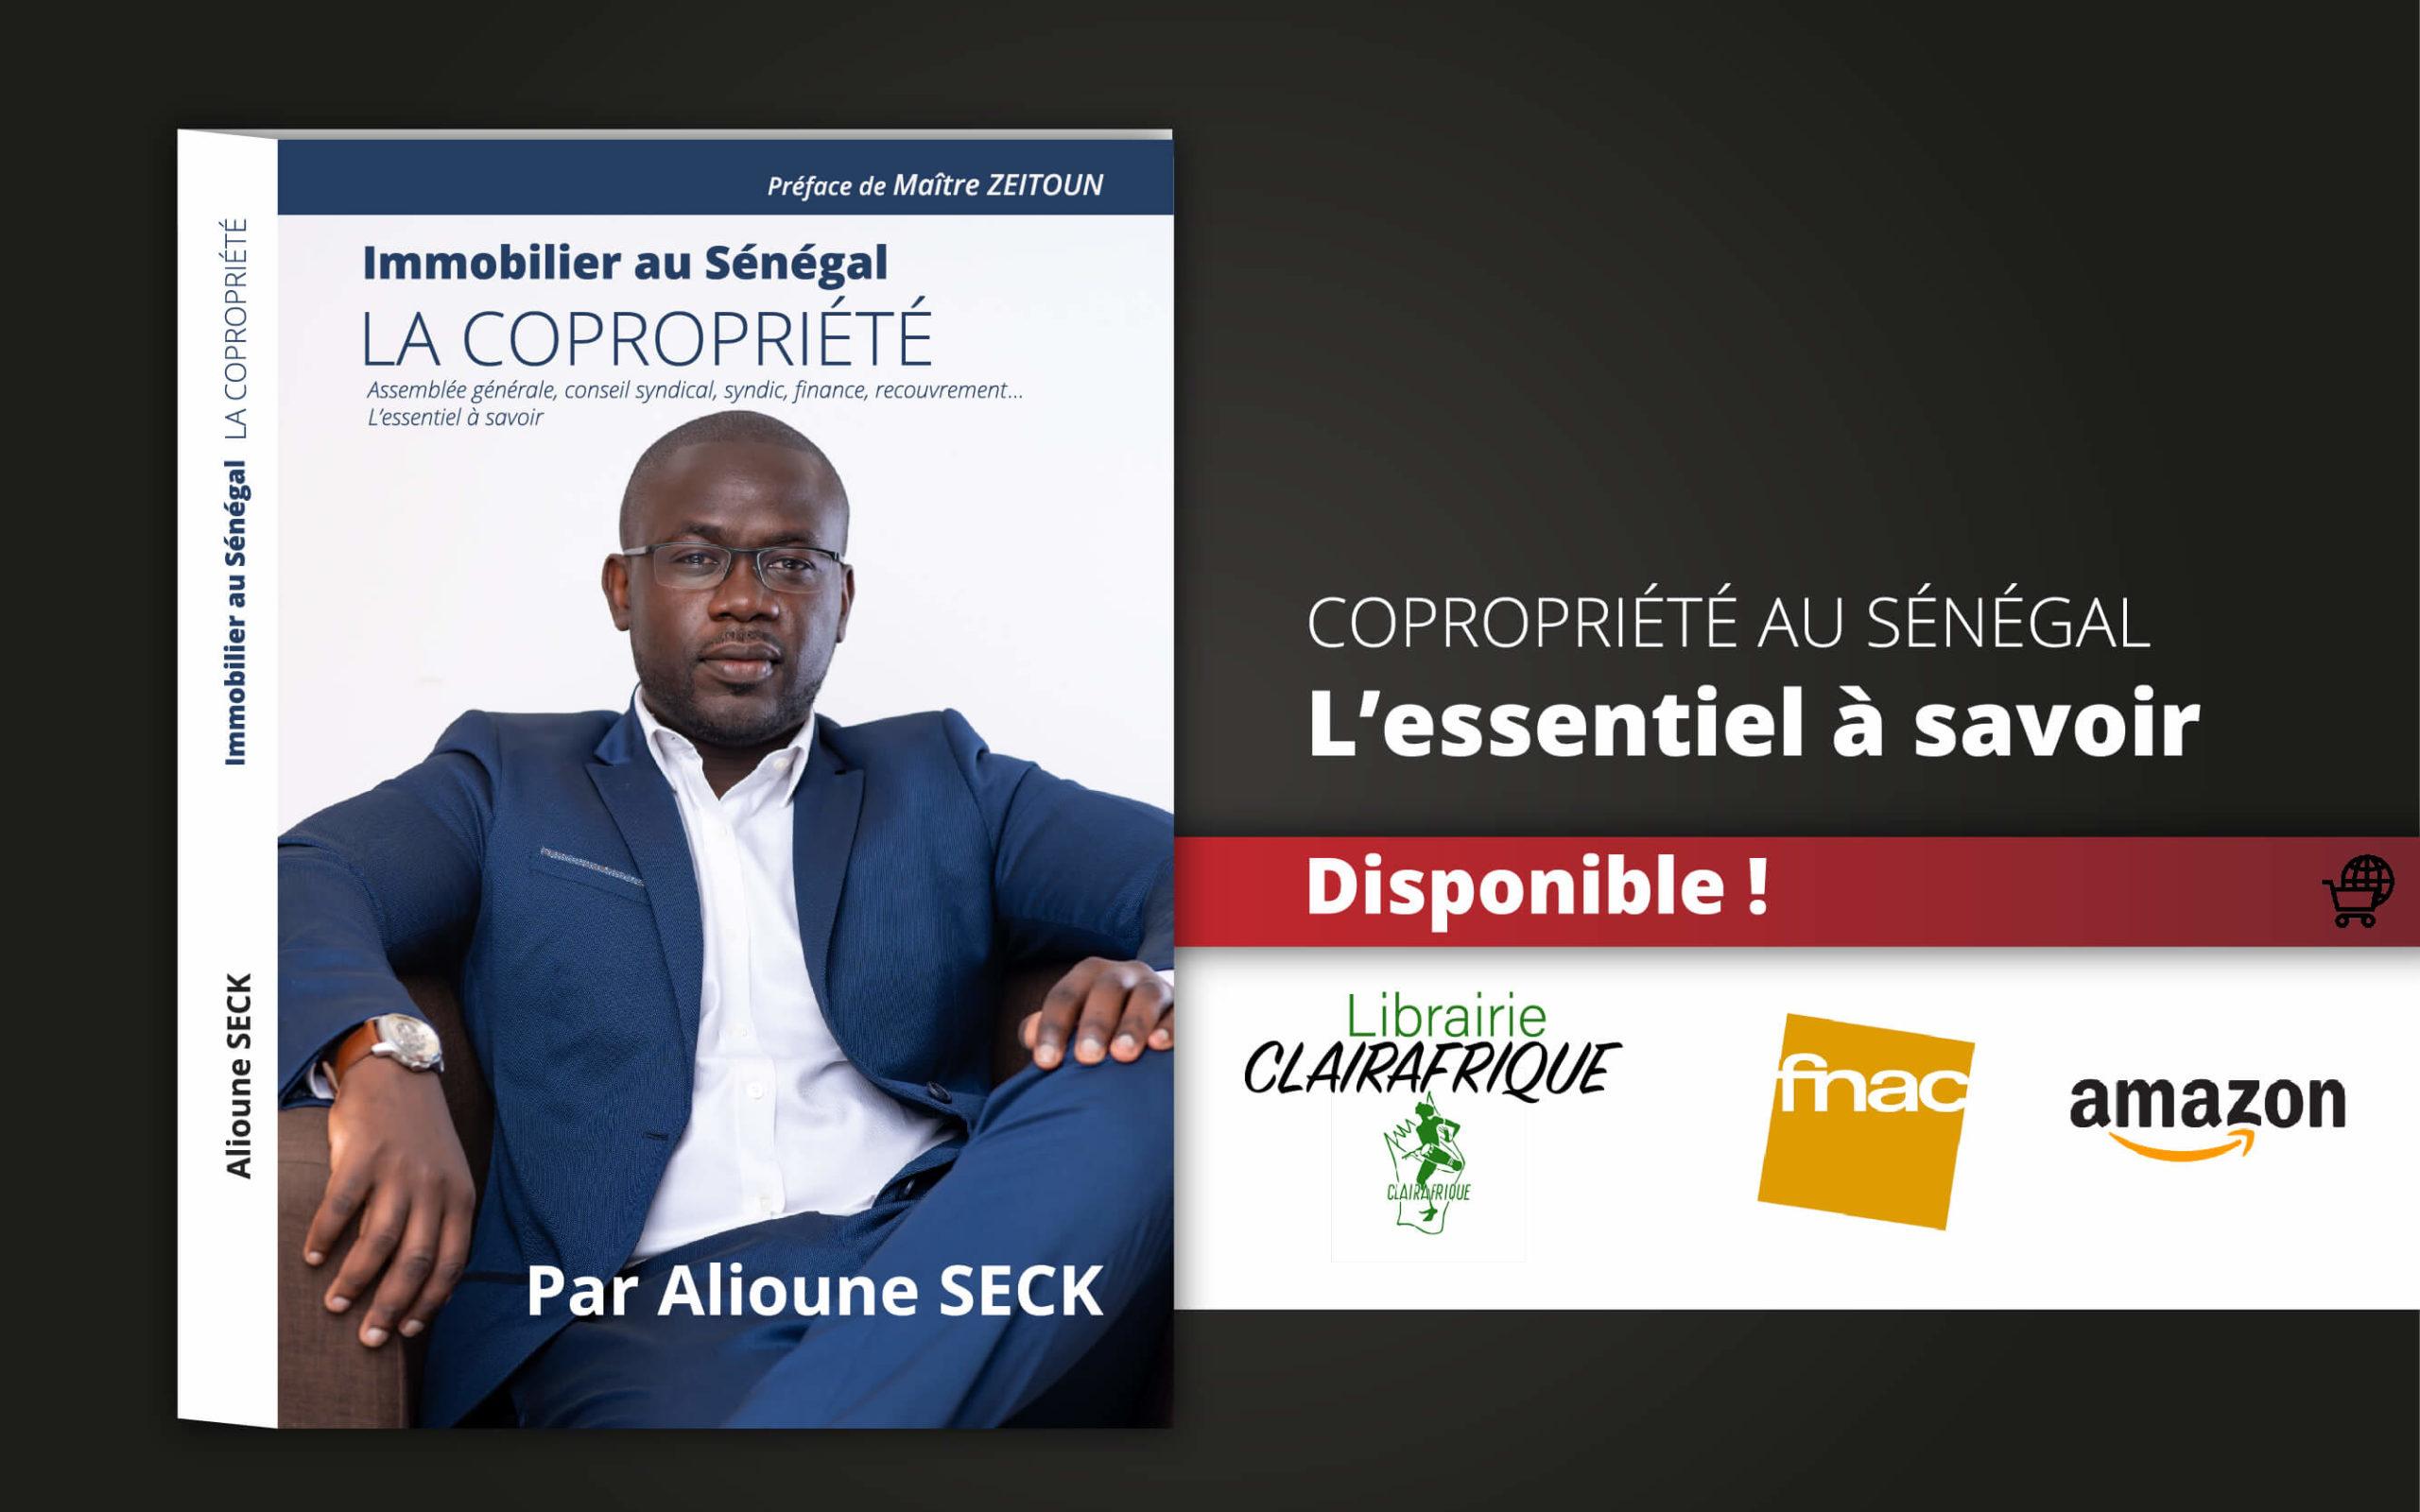 Livre copropriété au Senegal Alioune SECK